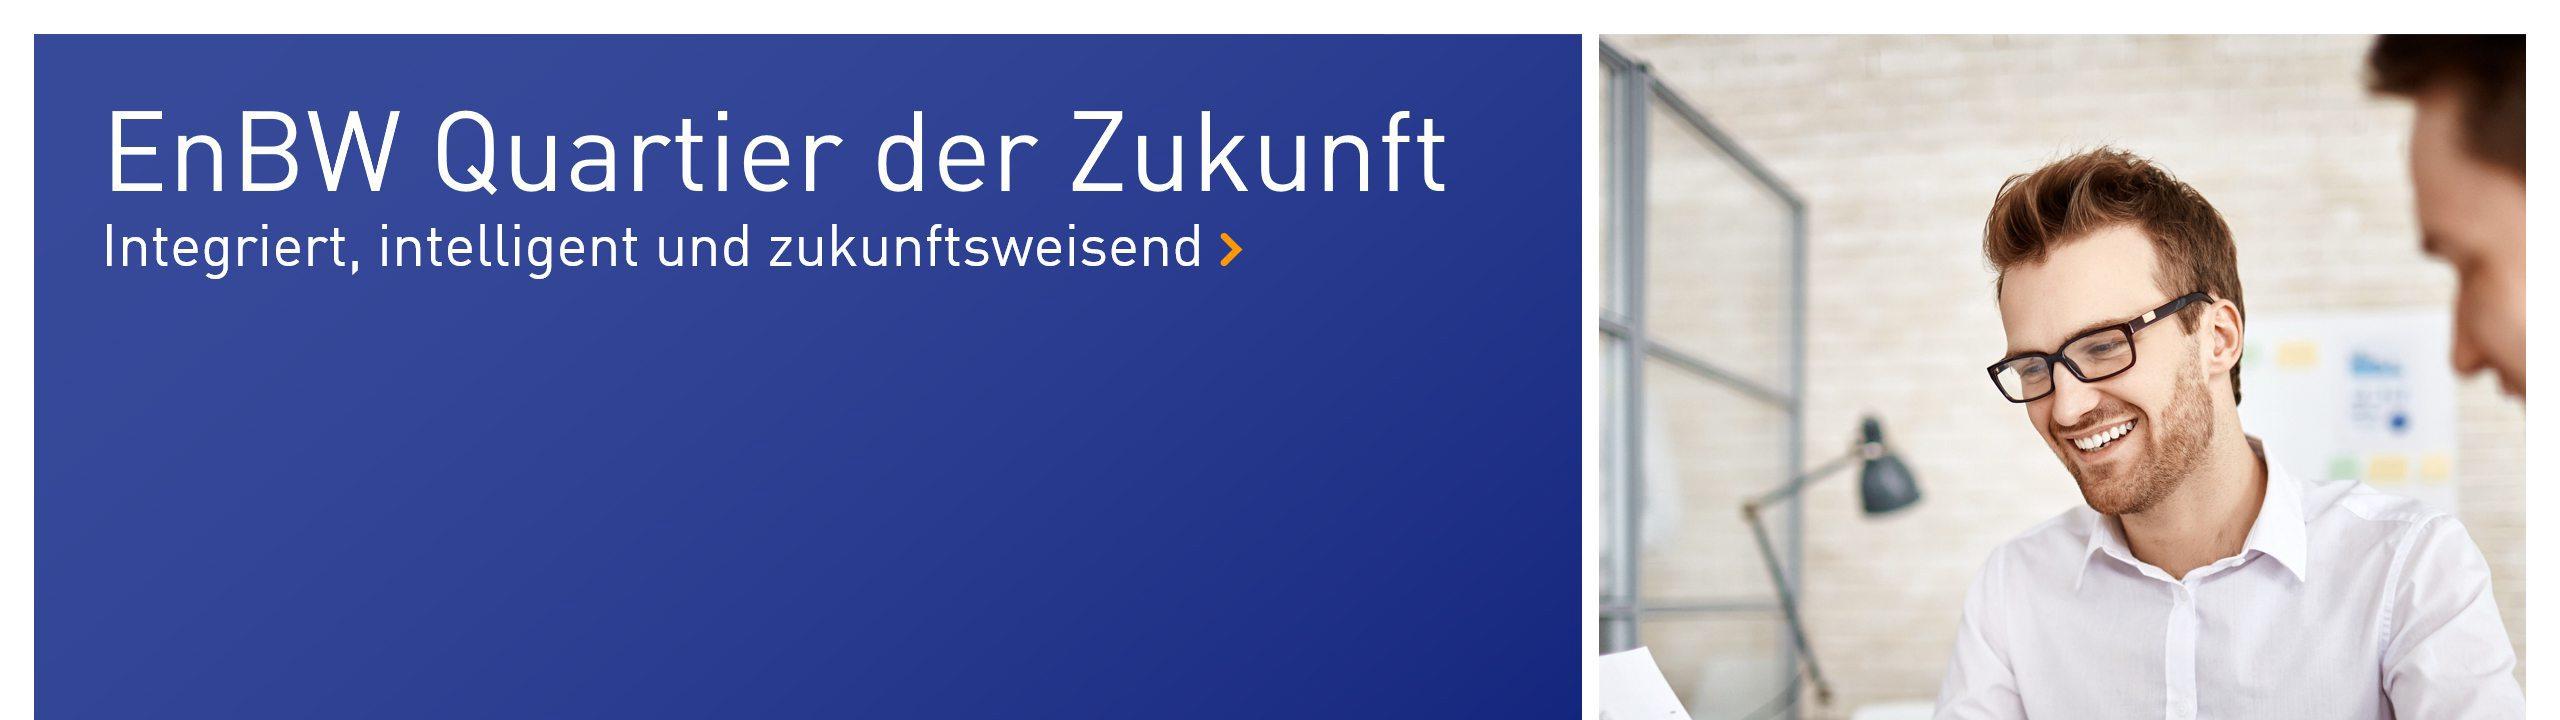 RELEASE die PowerPoint Agentur erstellt PowerPoint für EnBW aus Karlsruhe